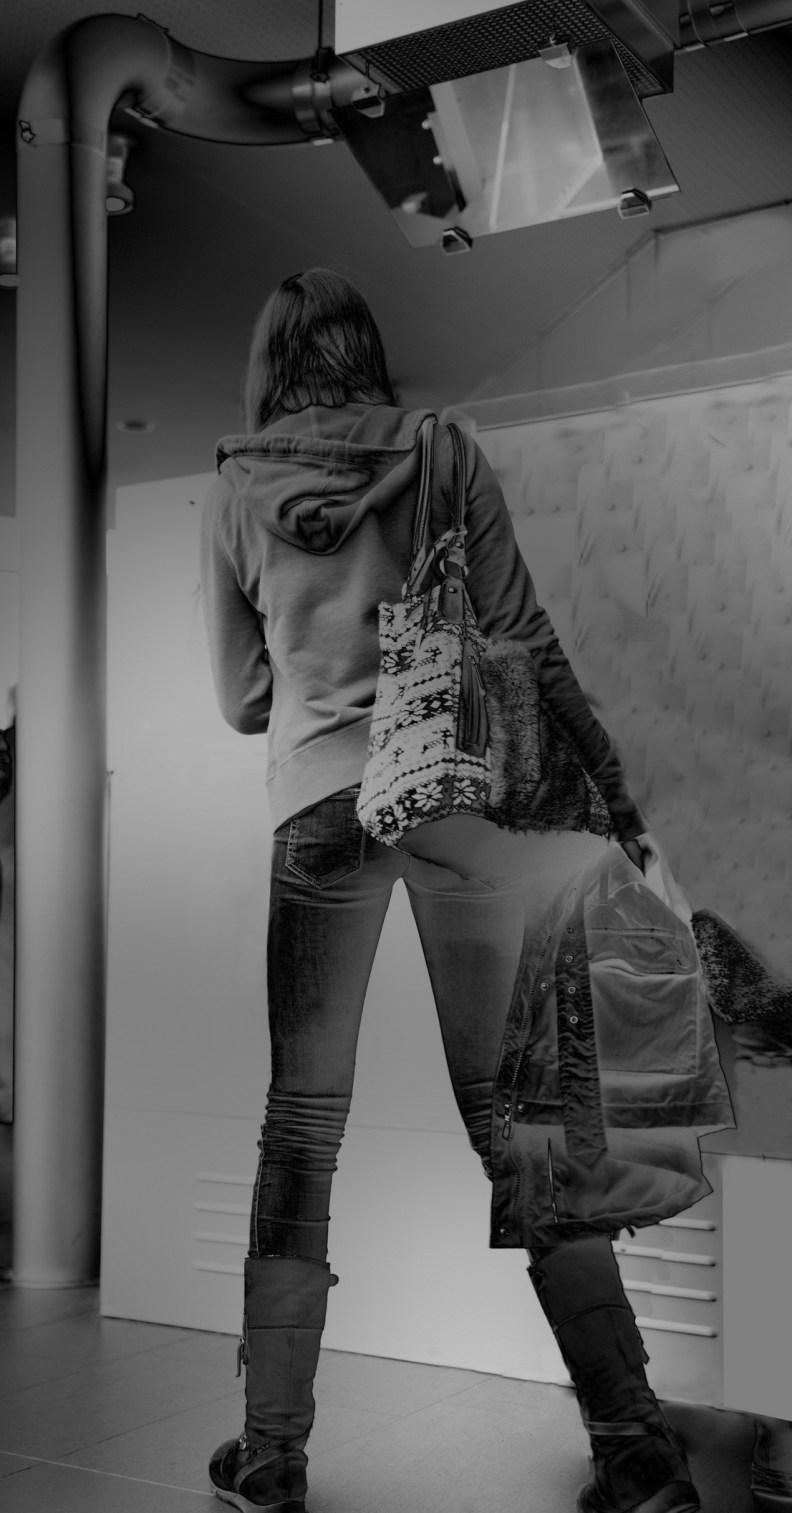 tube jeans hintern mies-vandenbergh-fotografie.de pic